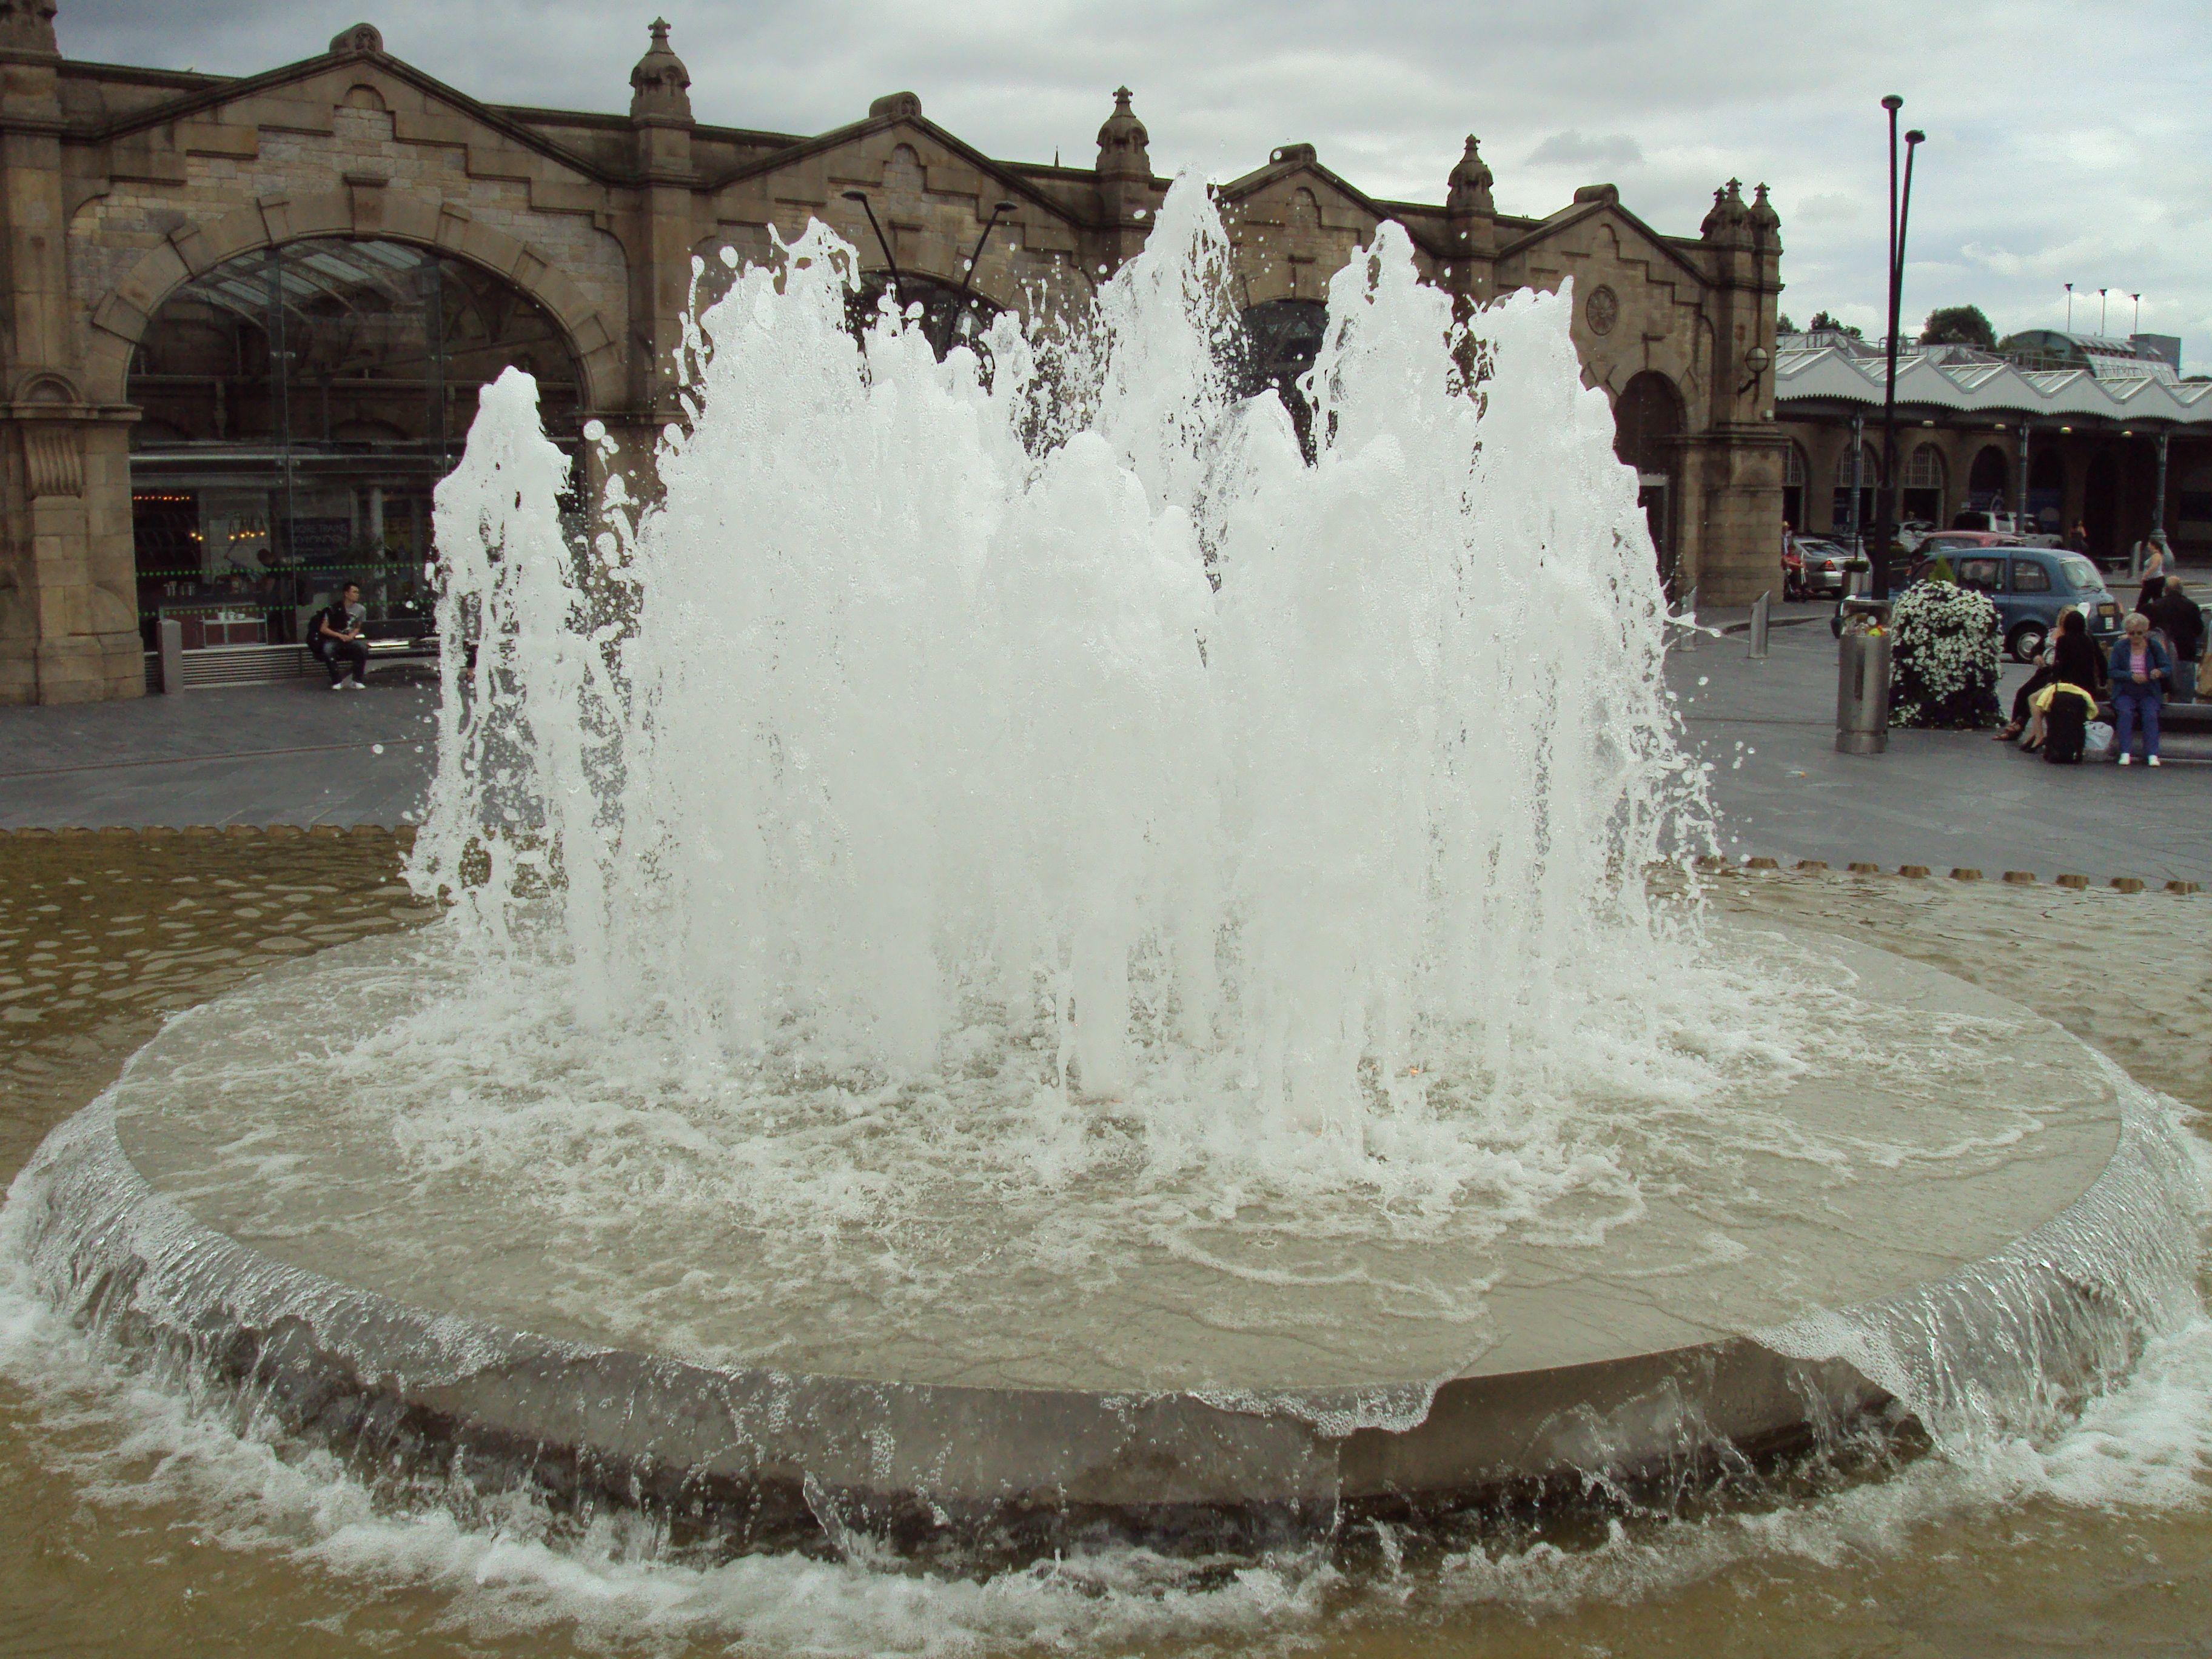 File:Water fountain outside Sheffield railway station - DSC07417 ...